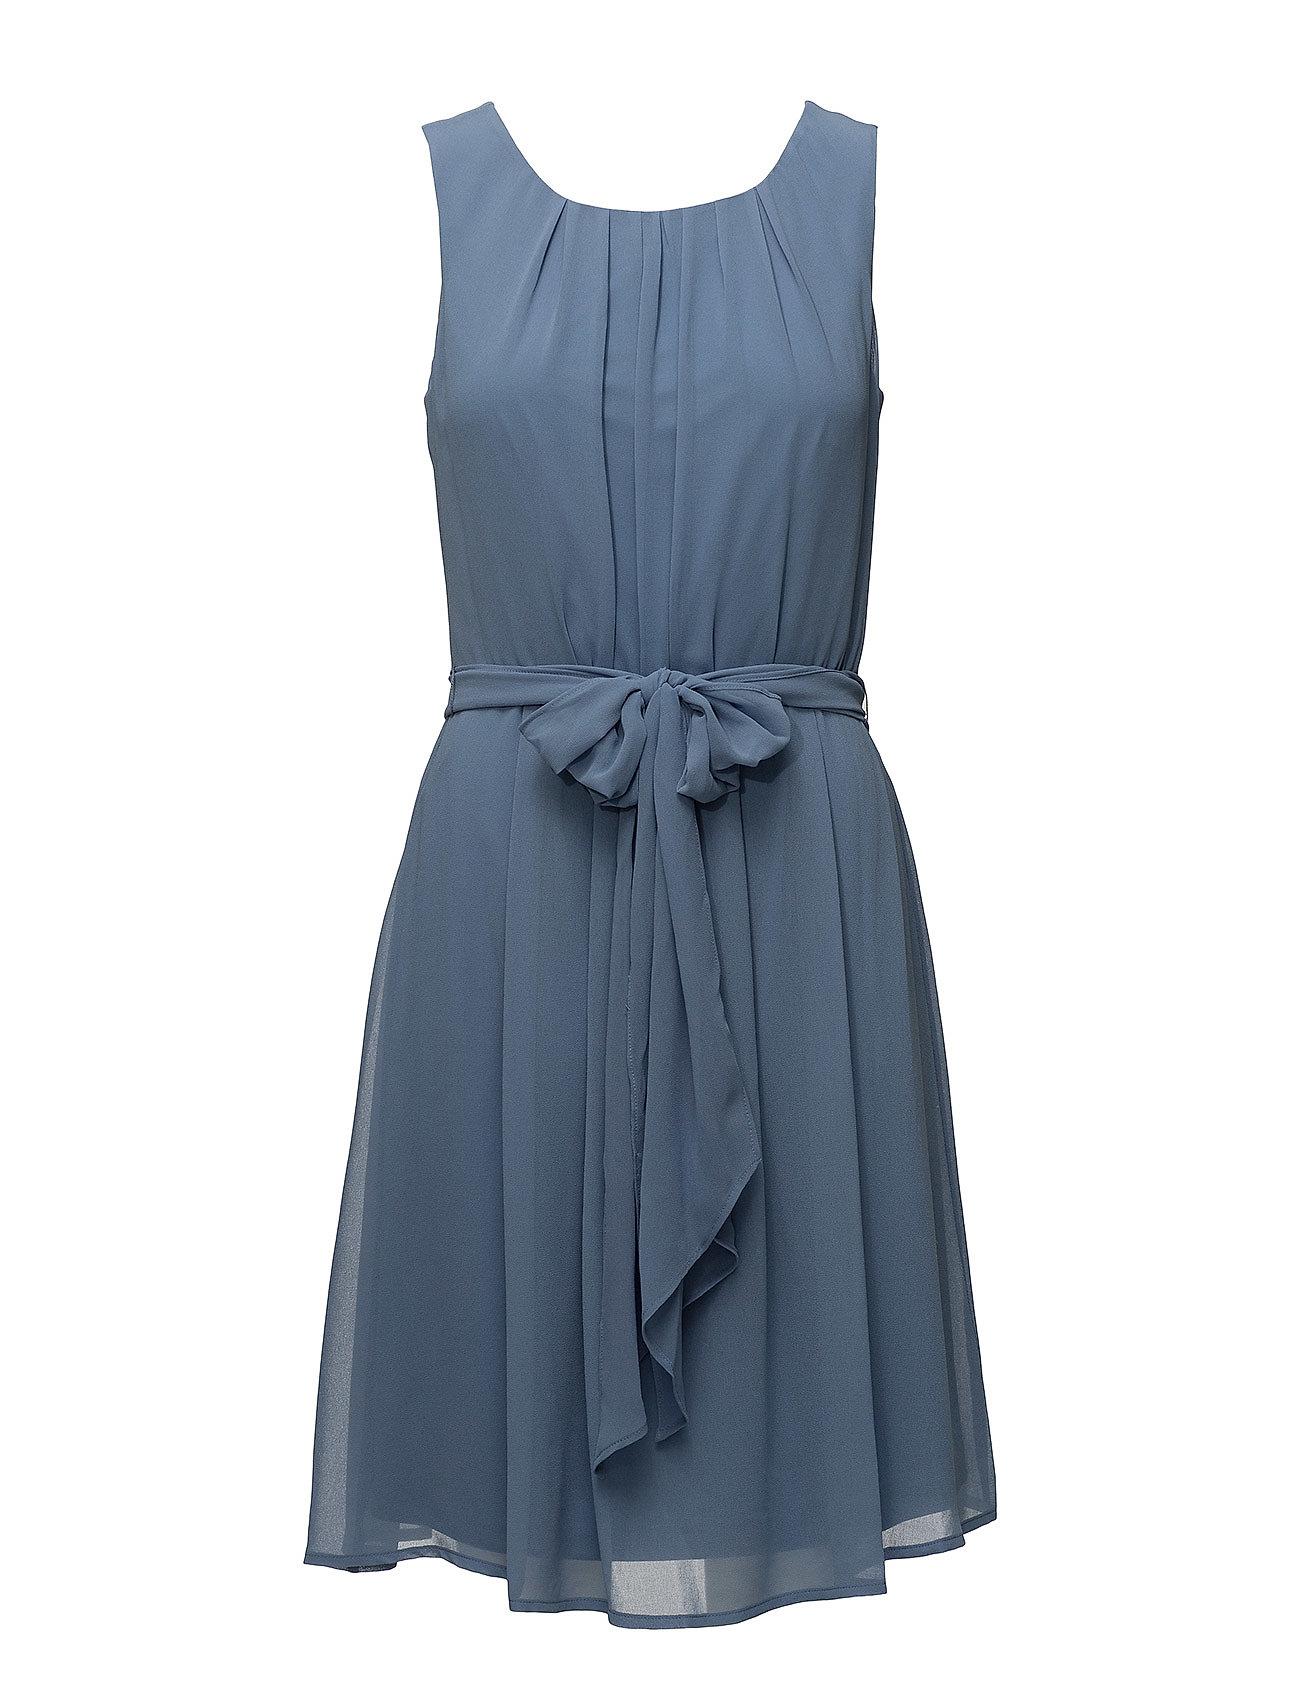 Esprit Collection Dresses Light Woven 406812493